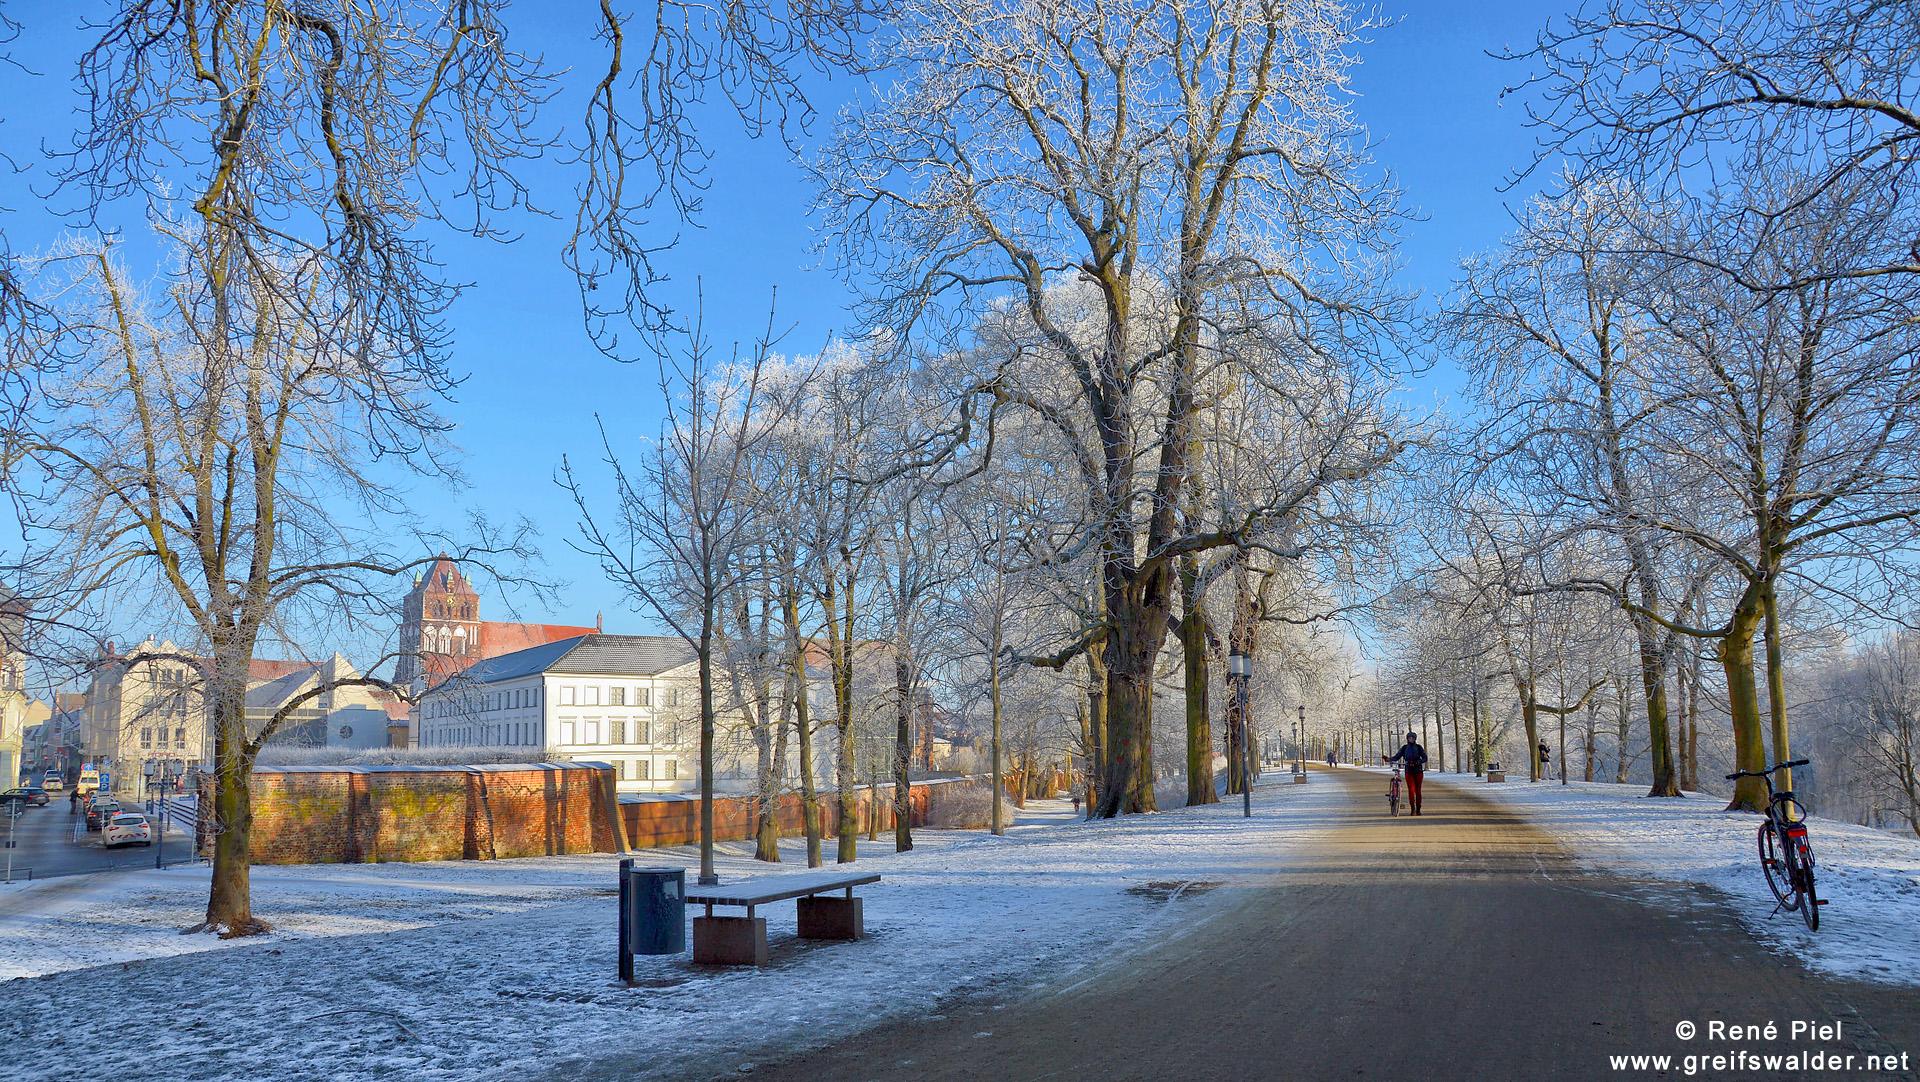 Winterstimmung in Greifswald